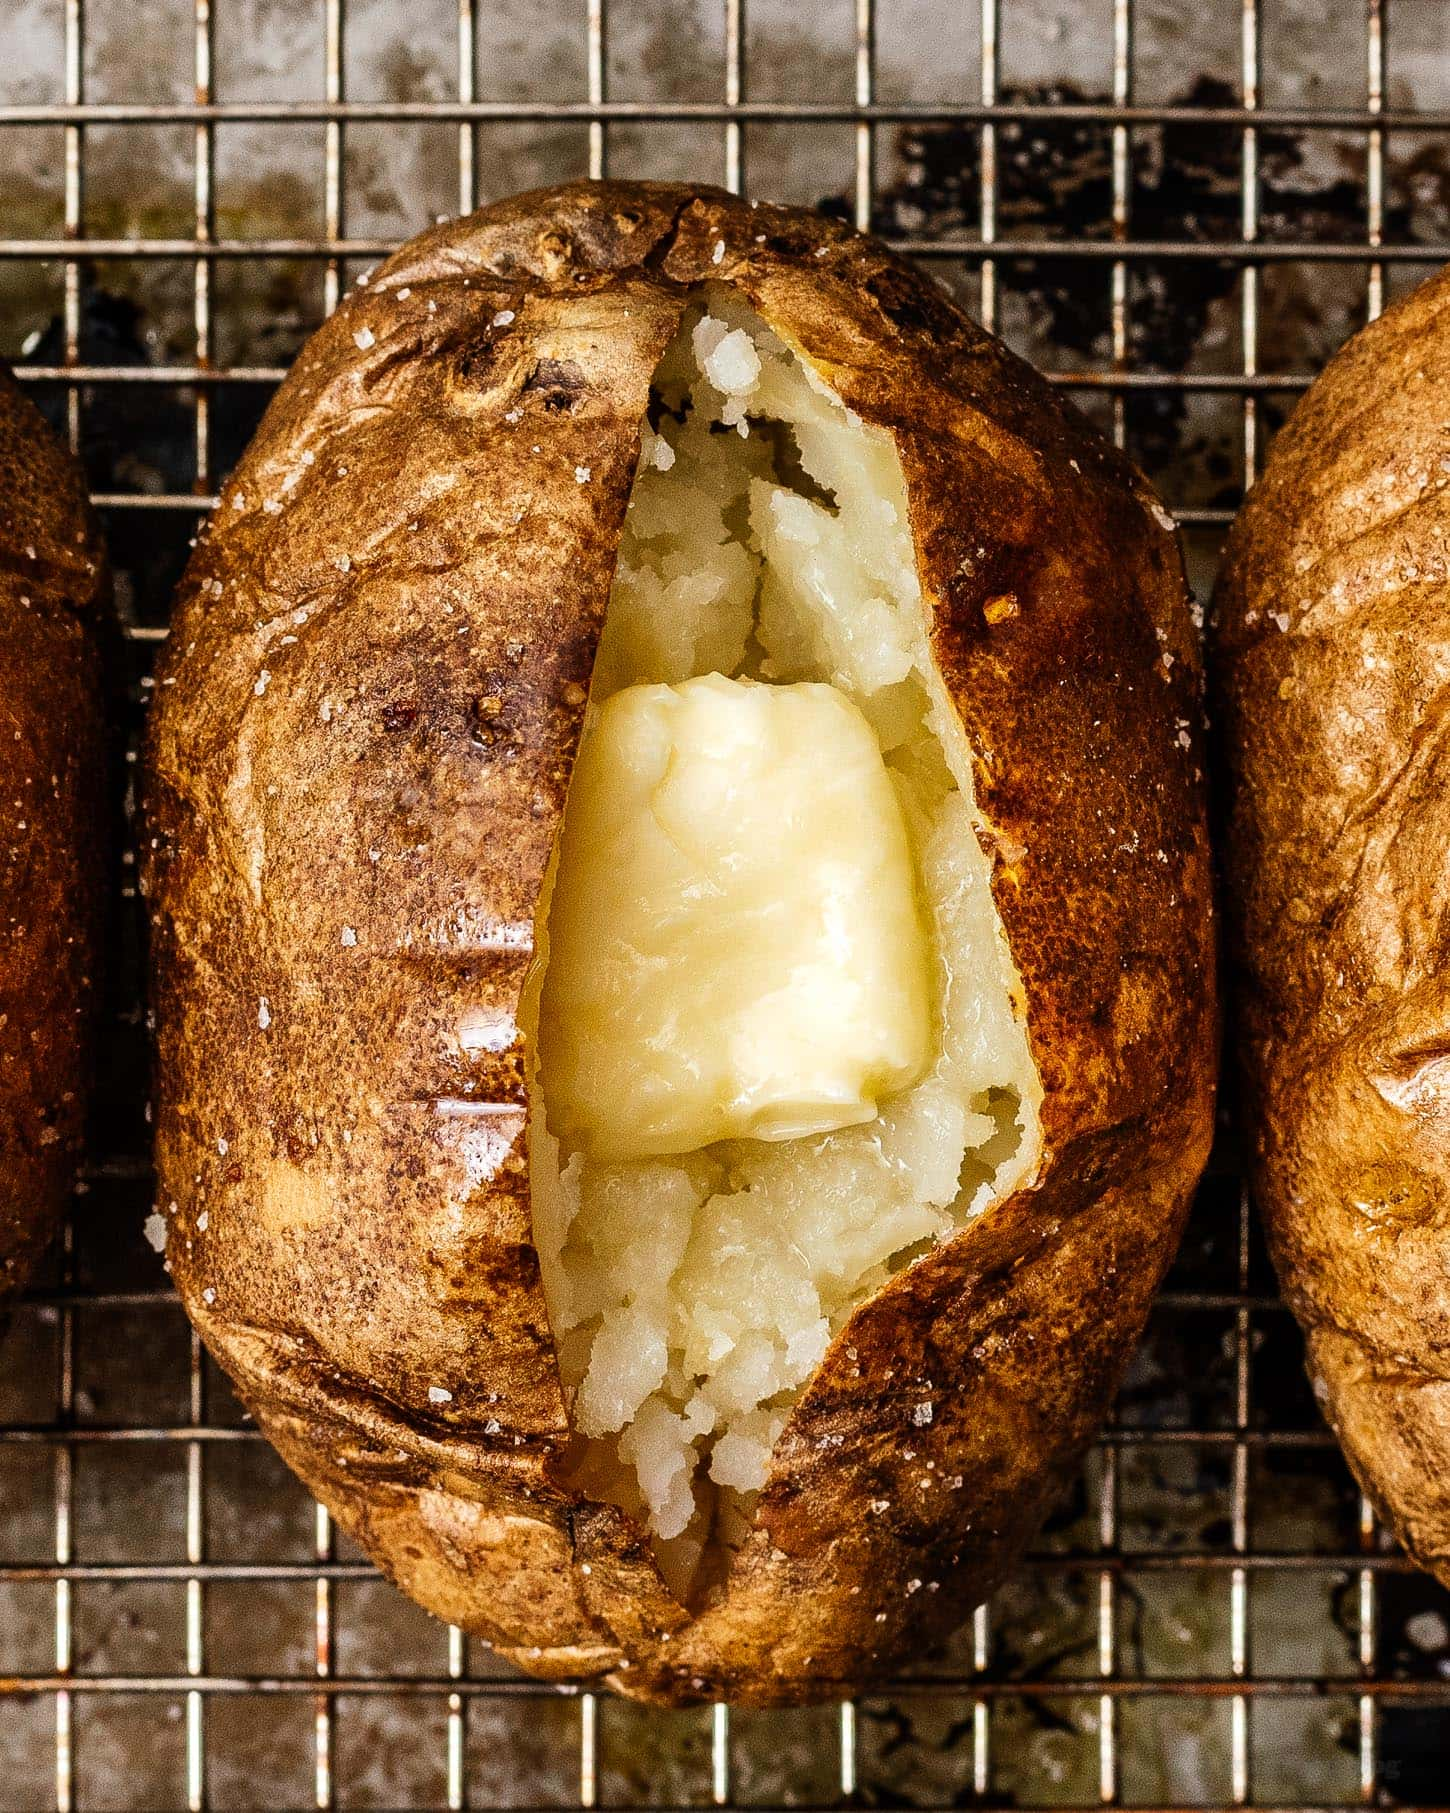 perfect baked potato | www.iamafoodblog.com